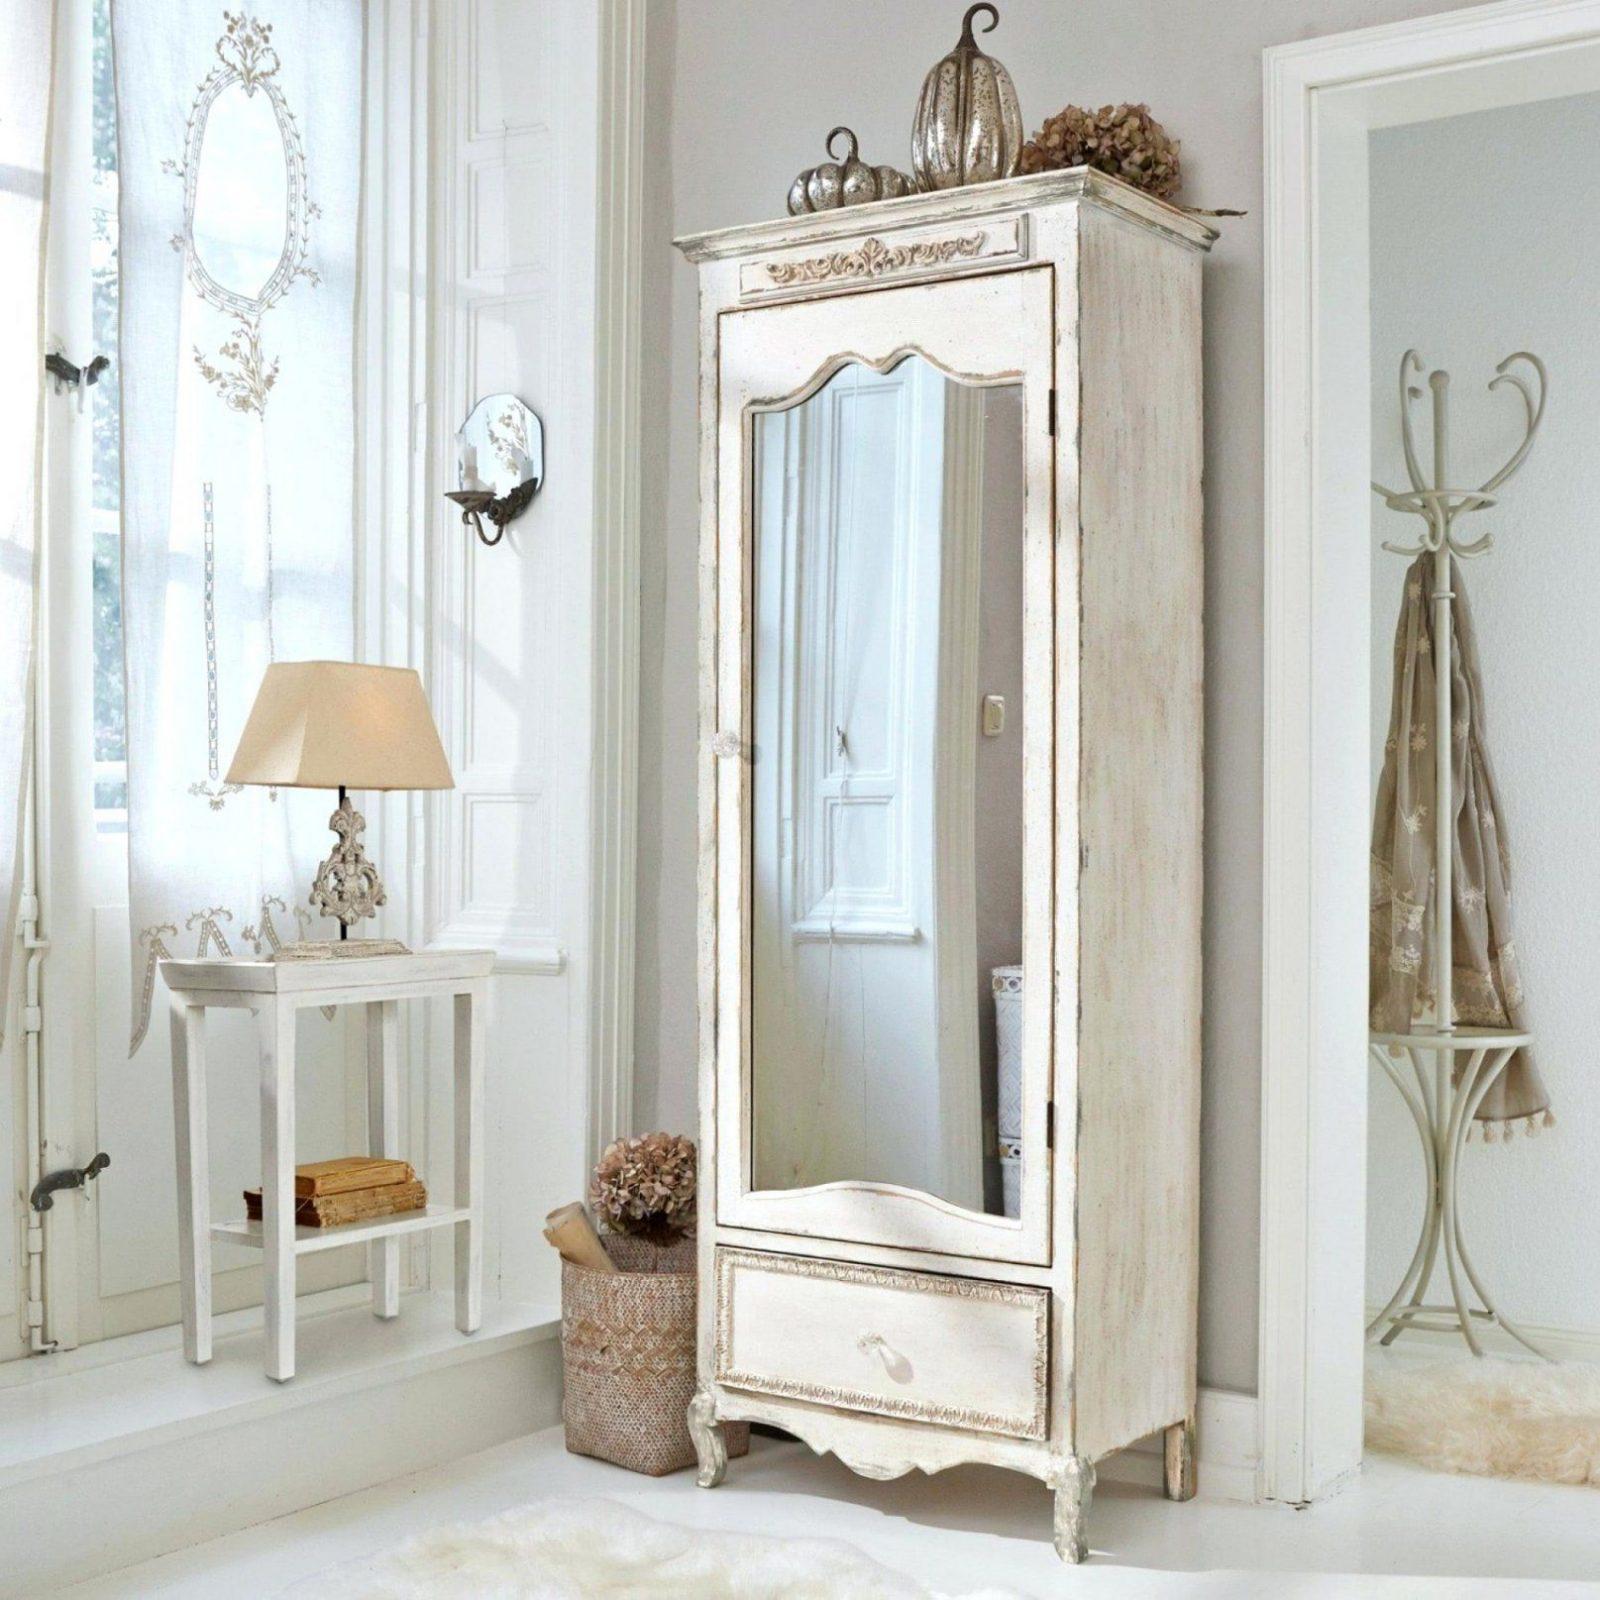 alte t ren streichen ohne abschleifen haus design ideen. Black Bedroom Furniture Sets. Home Design Ideas